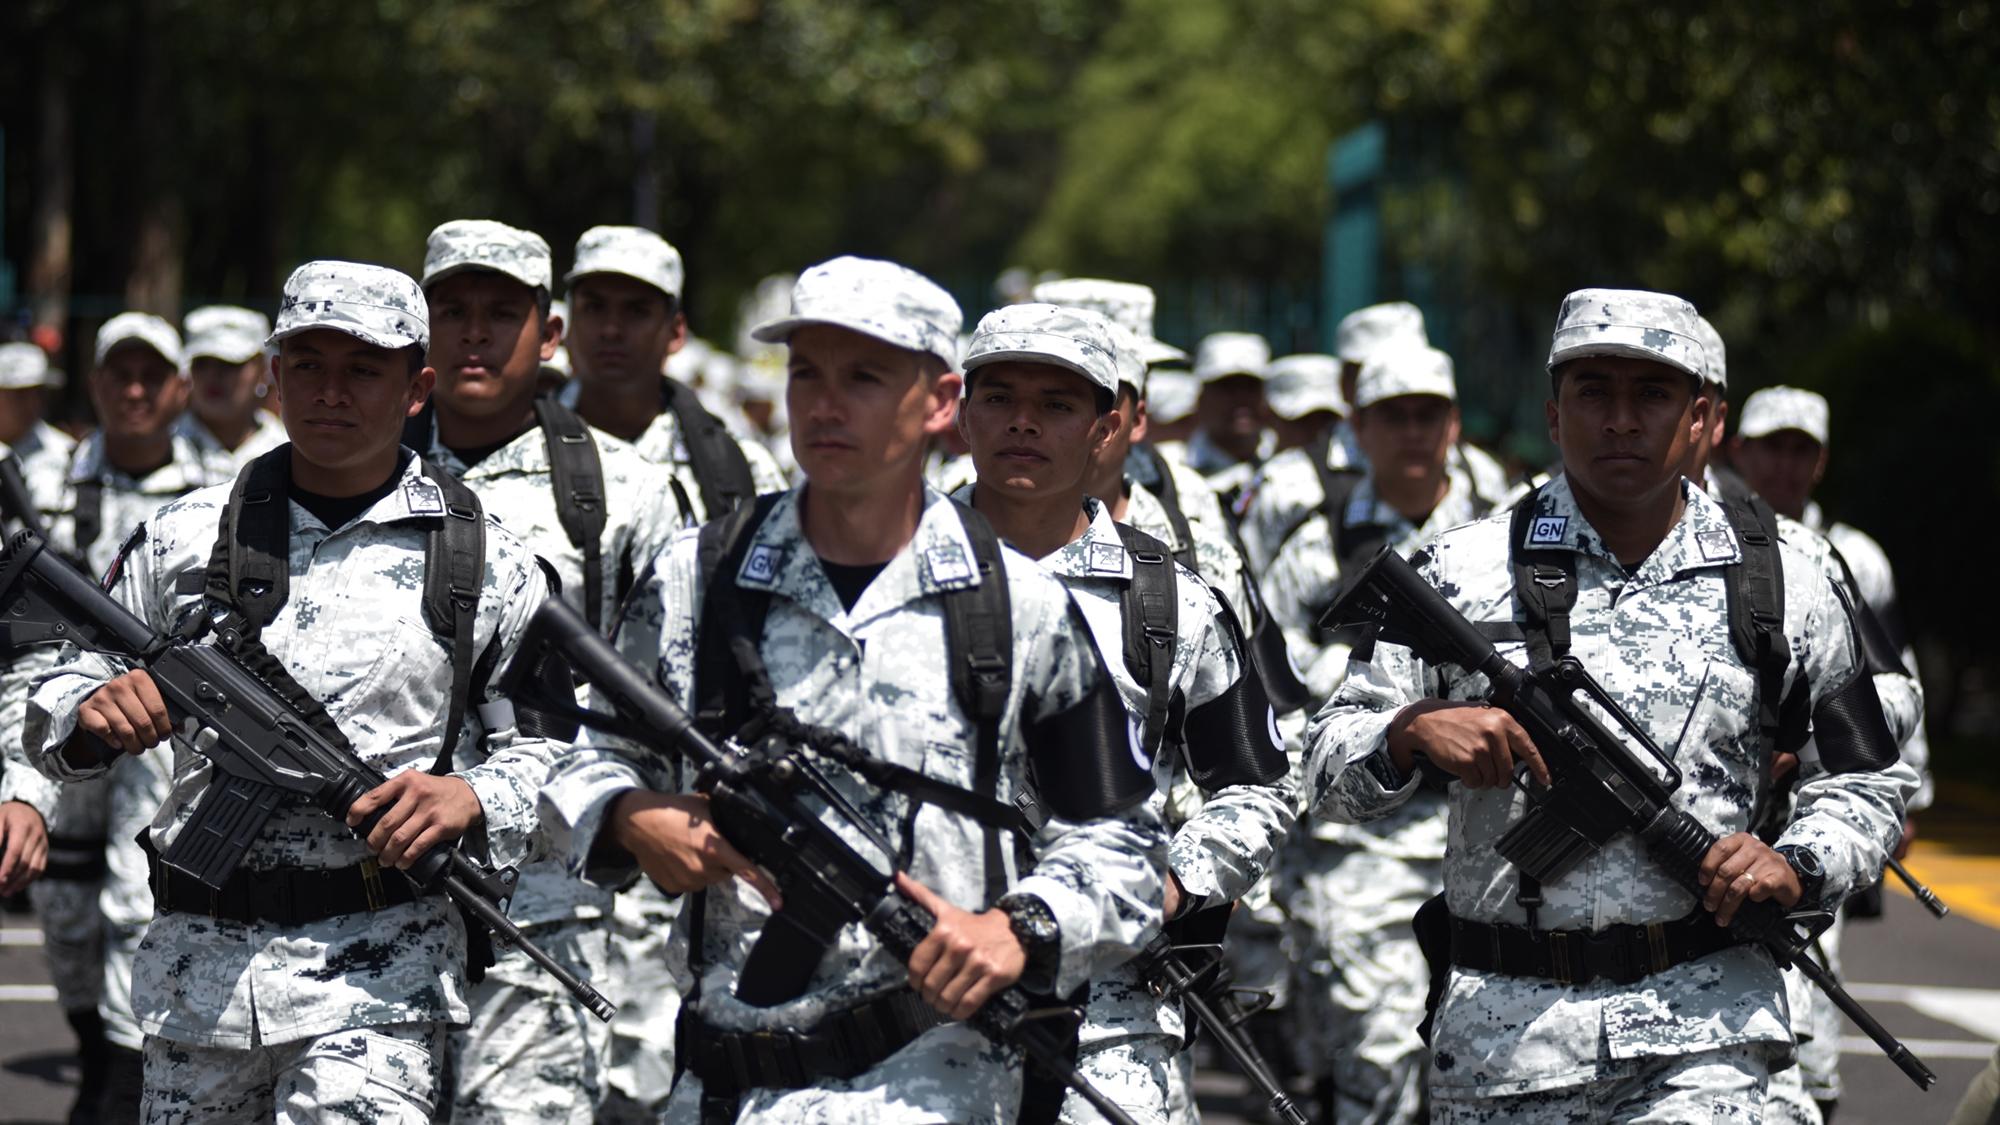 Guardia Nacional arrancará en Iztapalapa: Sheinbaum